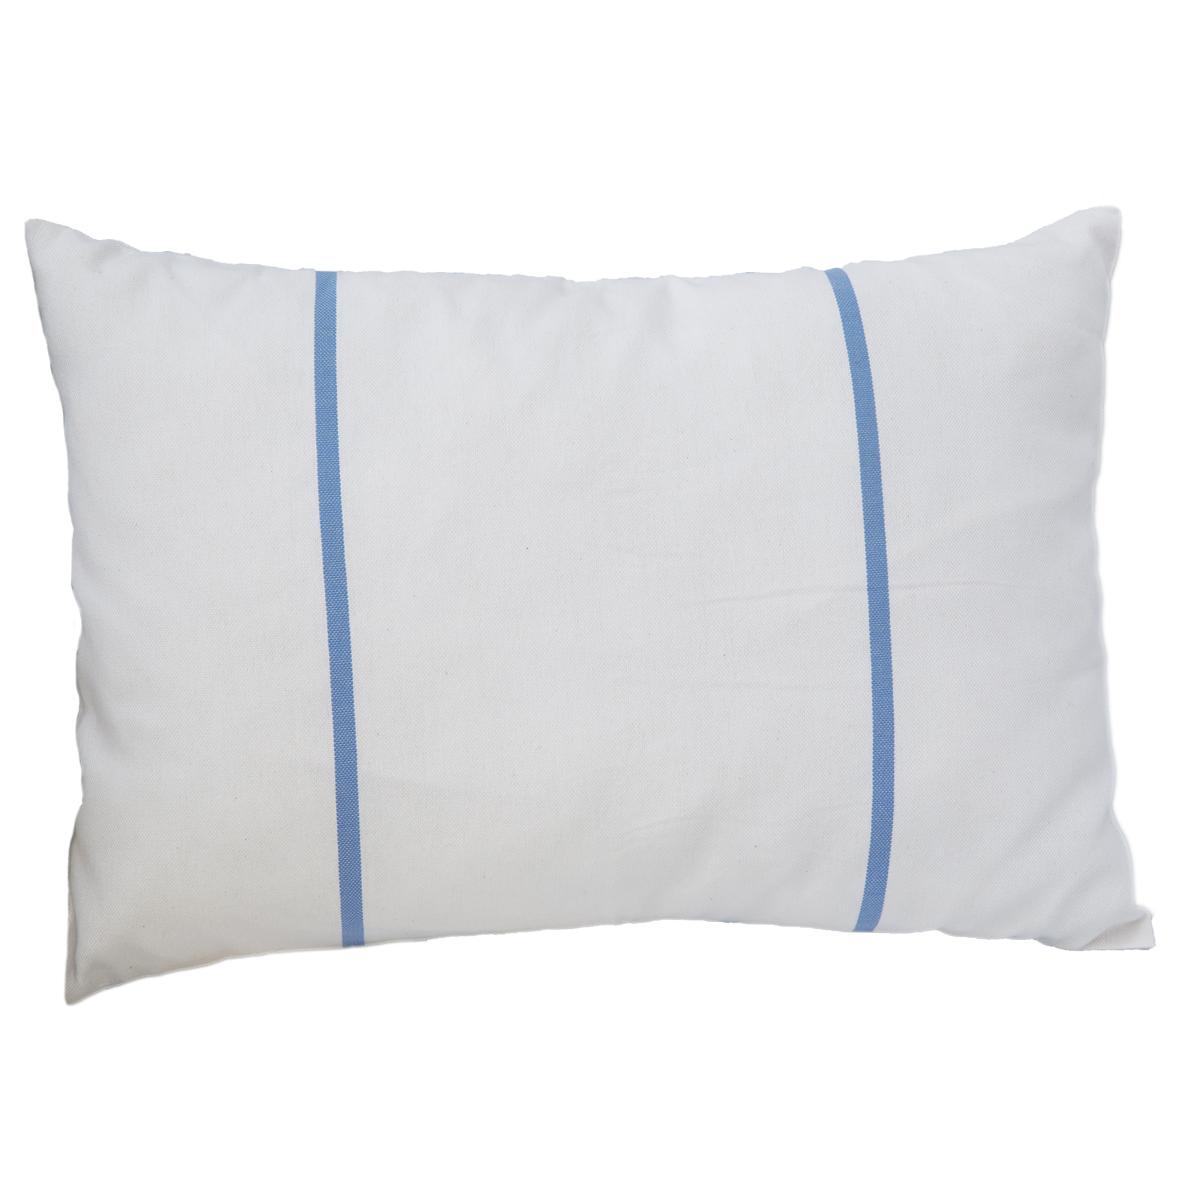 CARTHAGE - Housse de coussin coton rayures bleu fond blanc 35 x 50